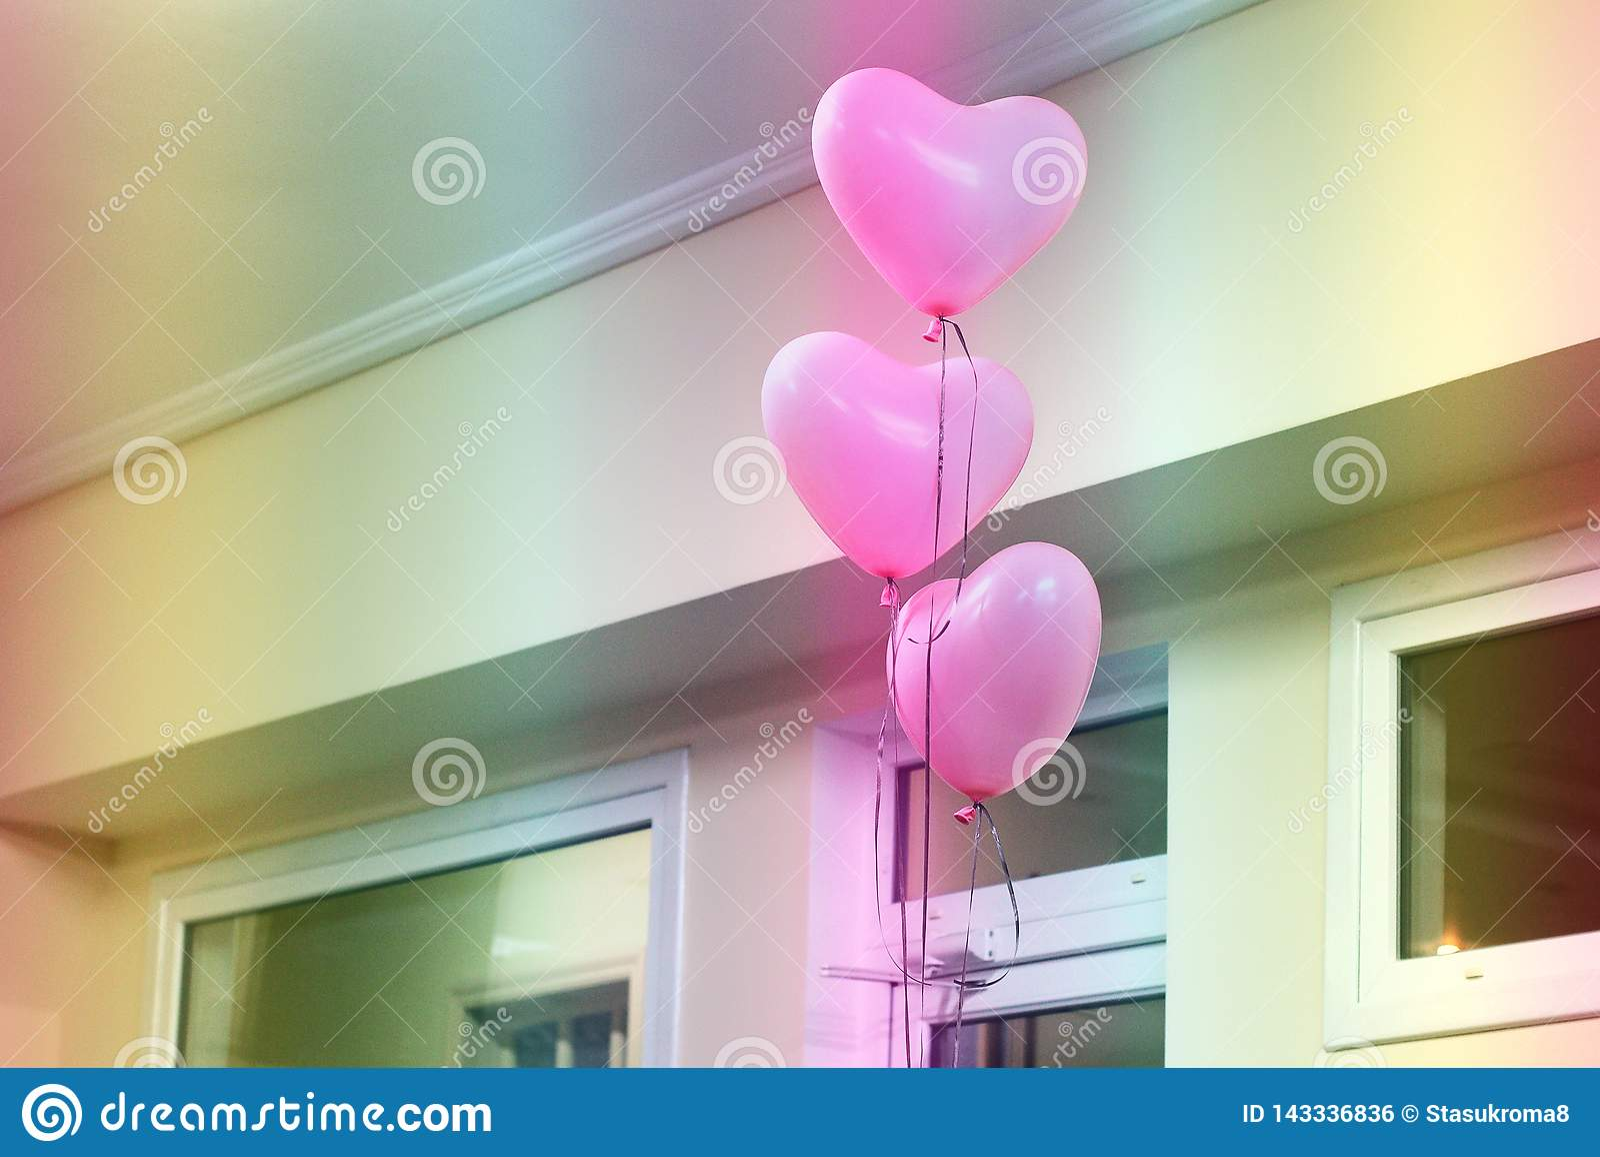 Ballons in de vorm van een hart Roze Ballons